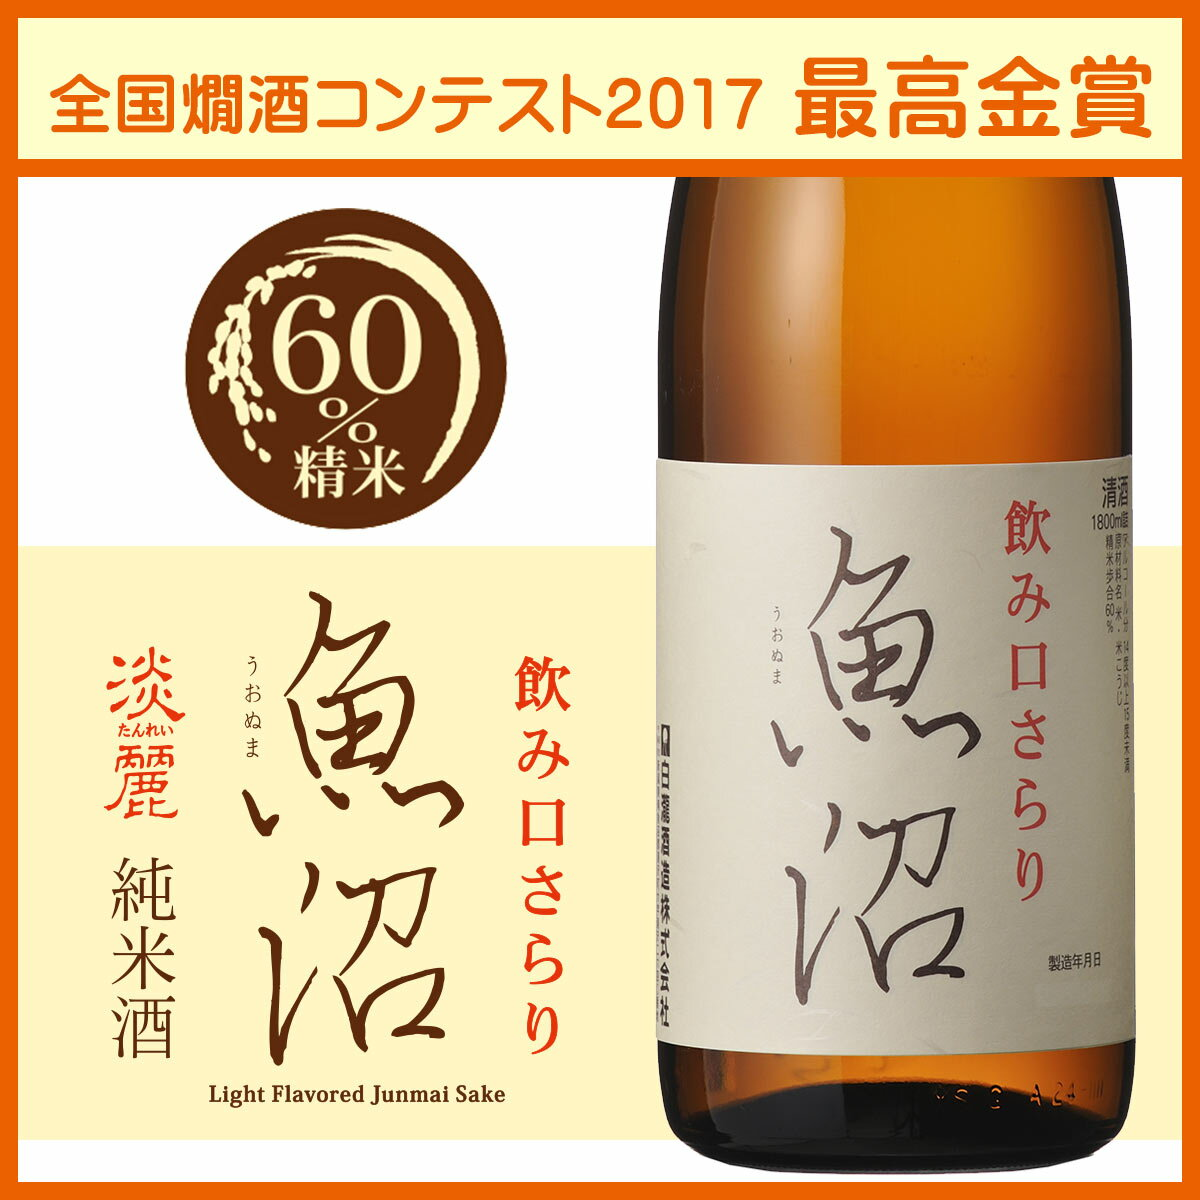 日本酒 純米酒 ギフト 新潟【白瀧酒造】 淡麗魚沼 純米 1800ml